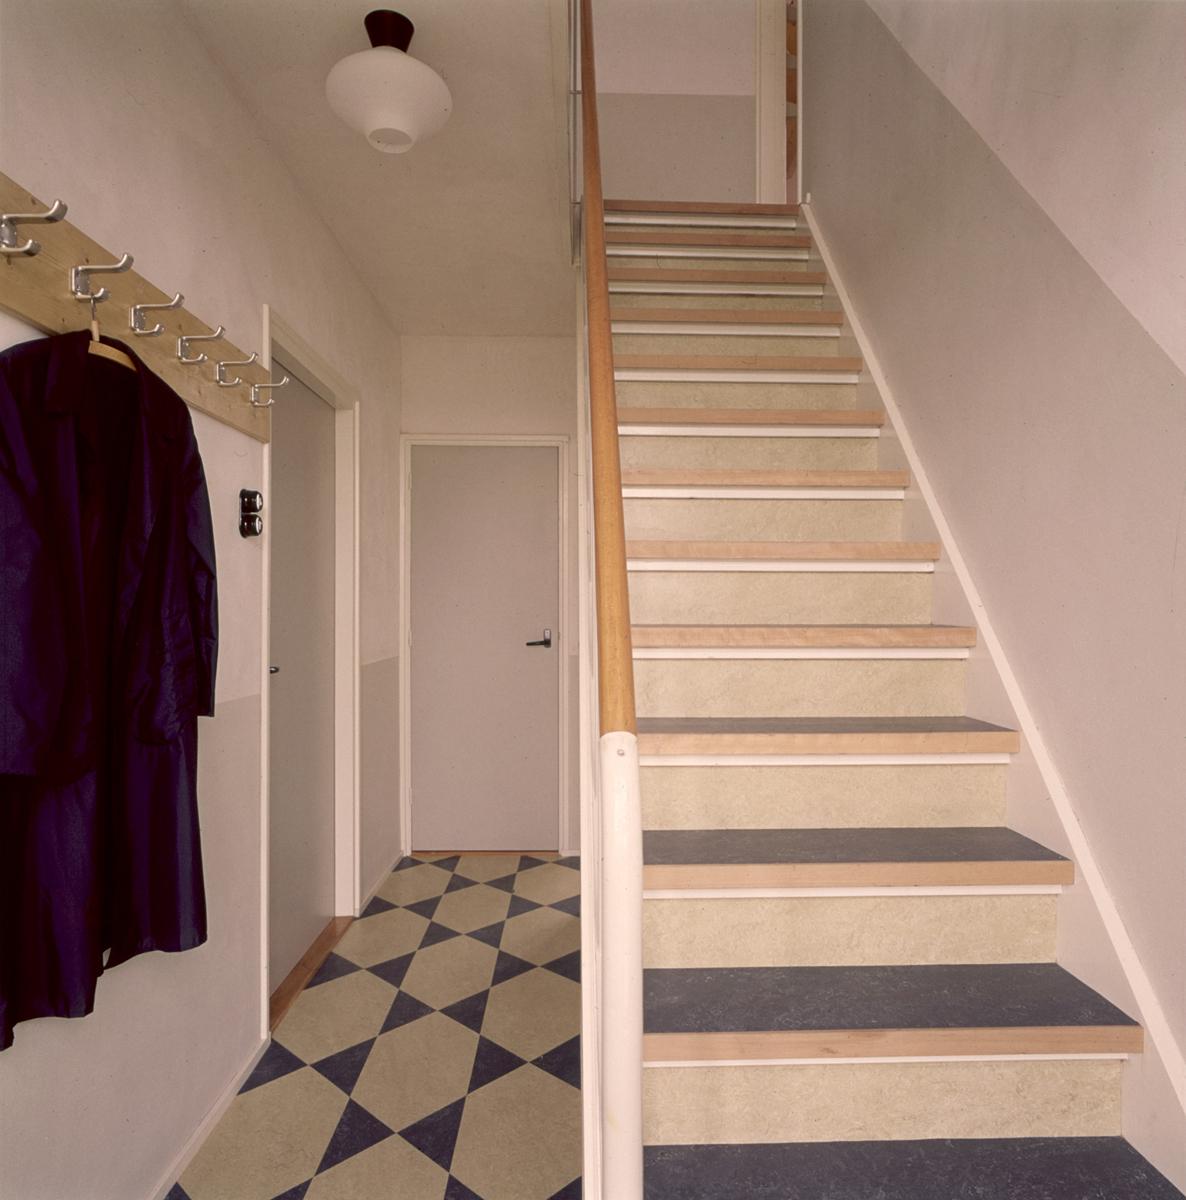 Vloerbedekking in een gang met een vaste trap de traptreden zijn bekleed met marmoleum in de - Kleur trap schilderij ...